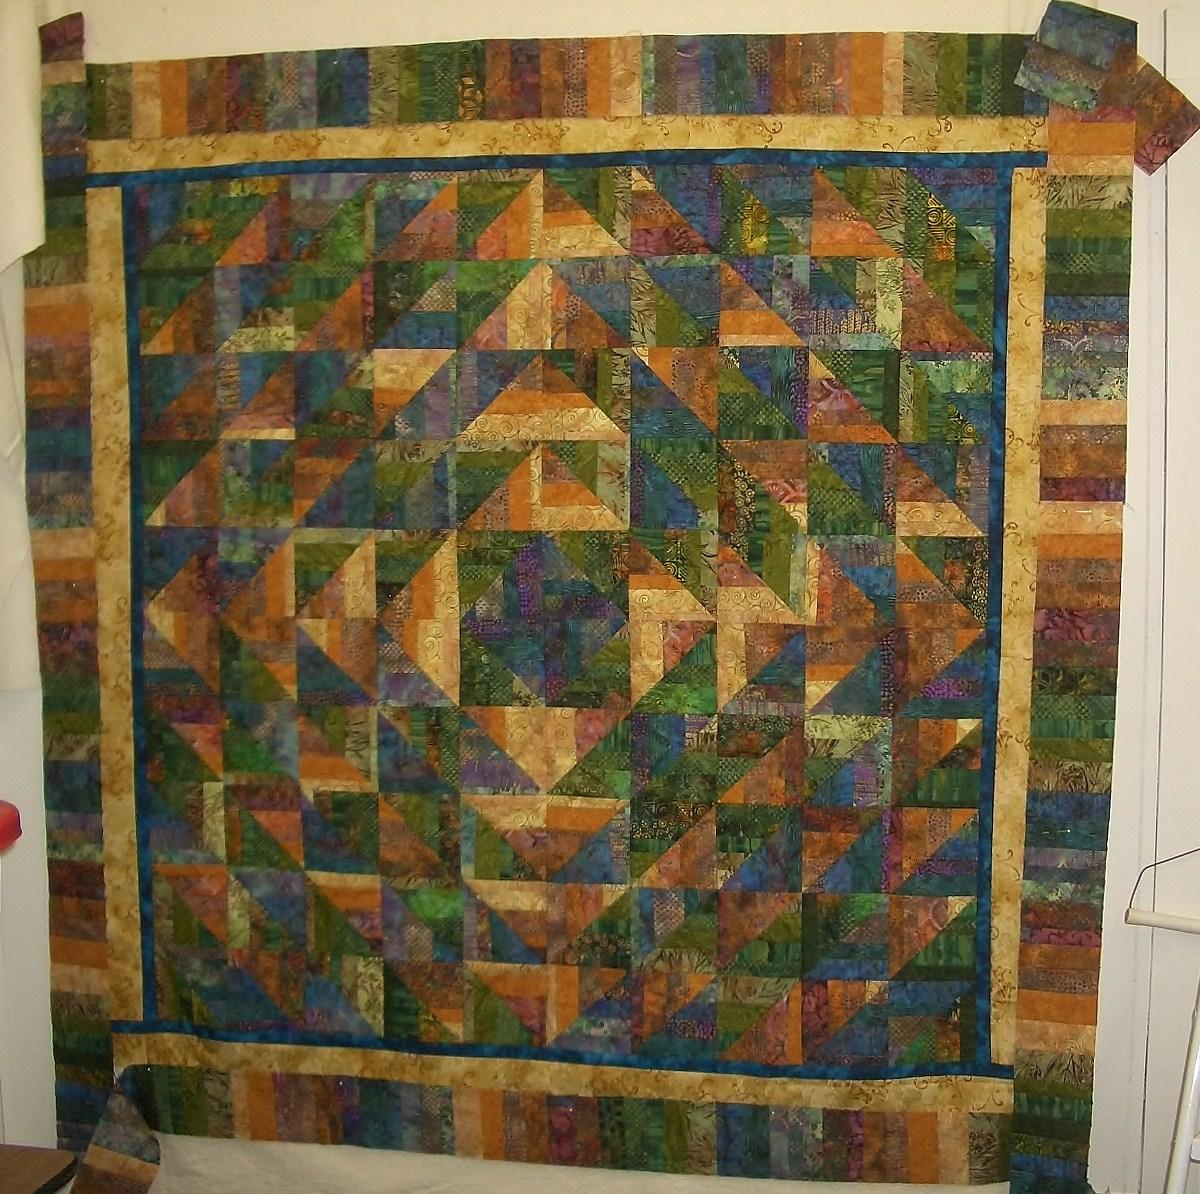 http://3.bp.blogspot.com/_GBhjehDF93U/S76hEADCFtI/AAAAAAAAAaQ/-Rq6bubaWSA/s1600/Paige%27s+quilt+w+borders.JPG